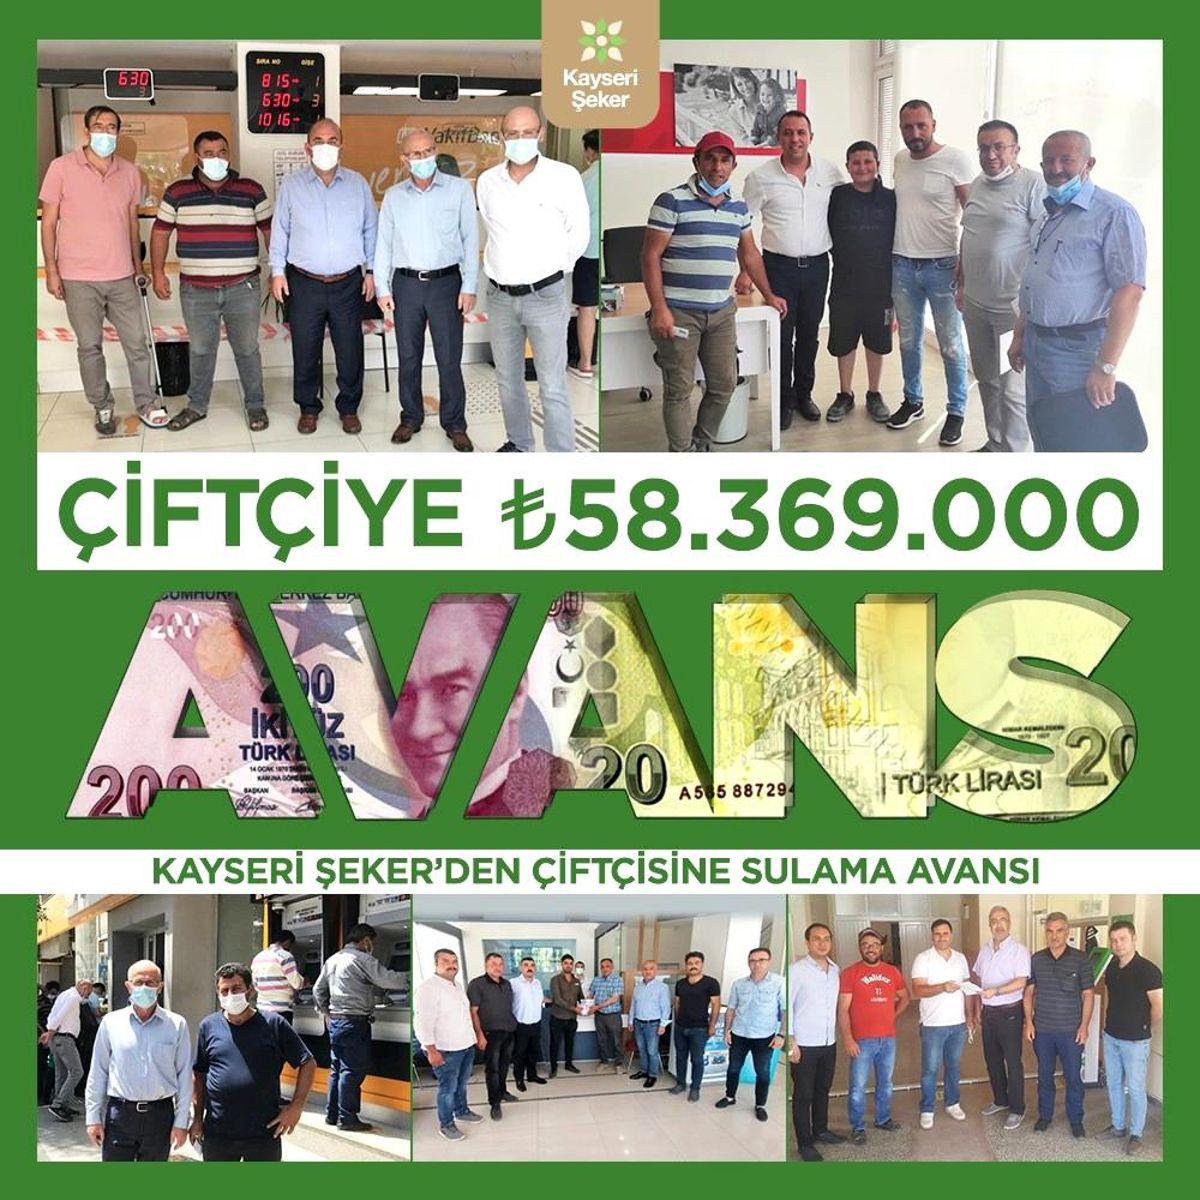 Kayseri Şeker'den çiftçiye 58 milyon 369 bin TL'lik sulama avansı